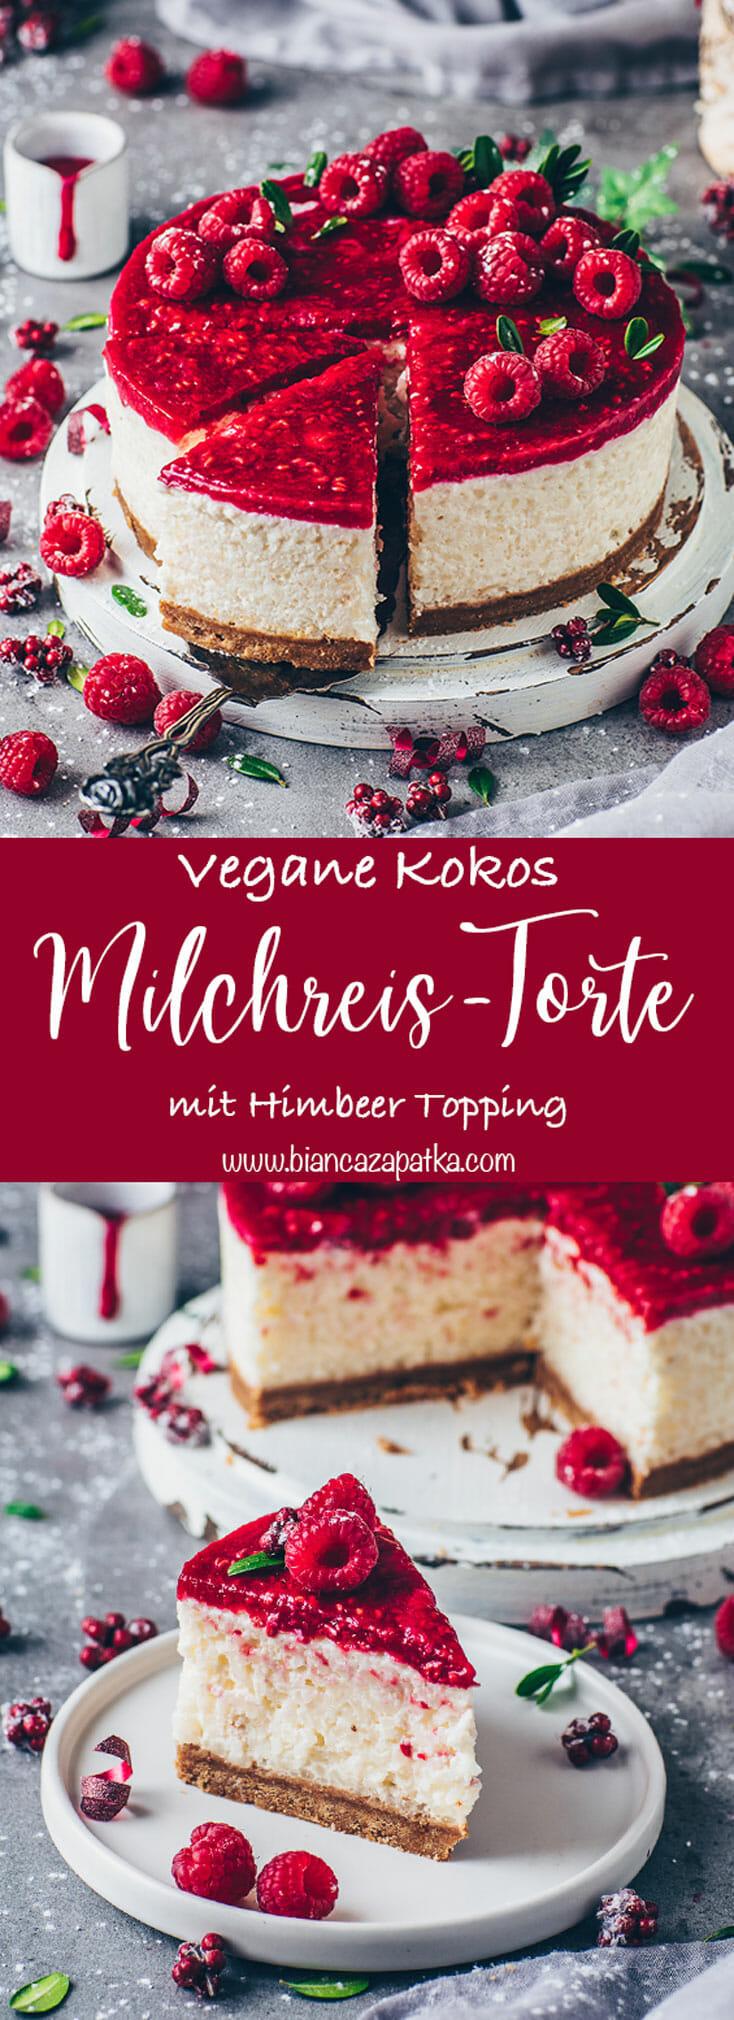 Kokos-Milchreis-Torte mit Himbeeren